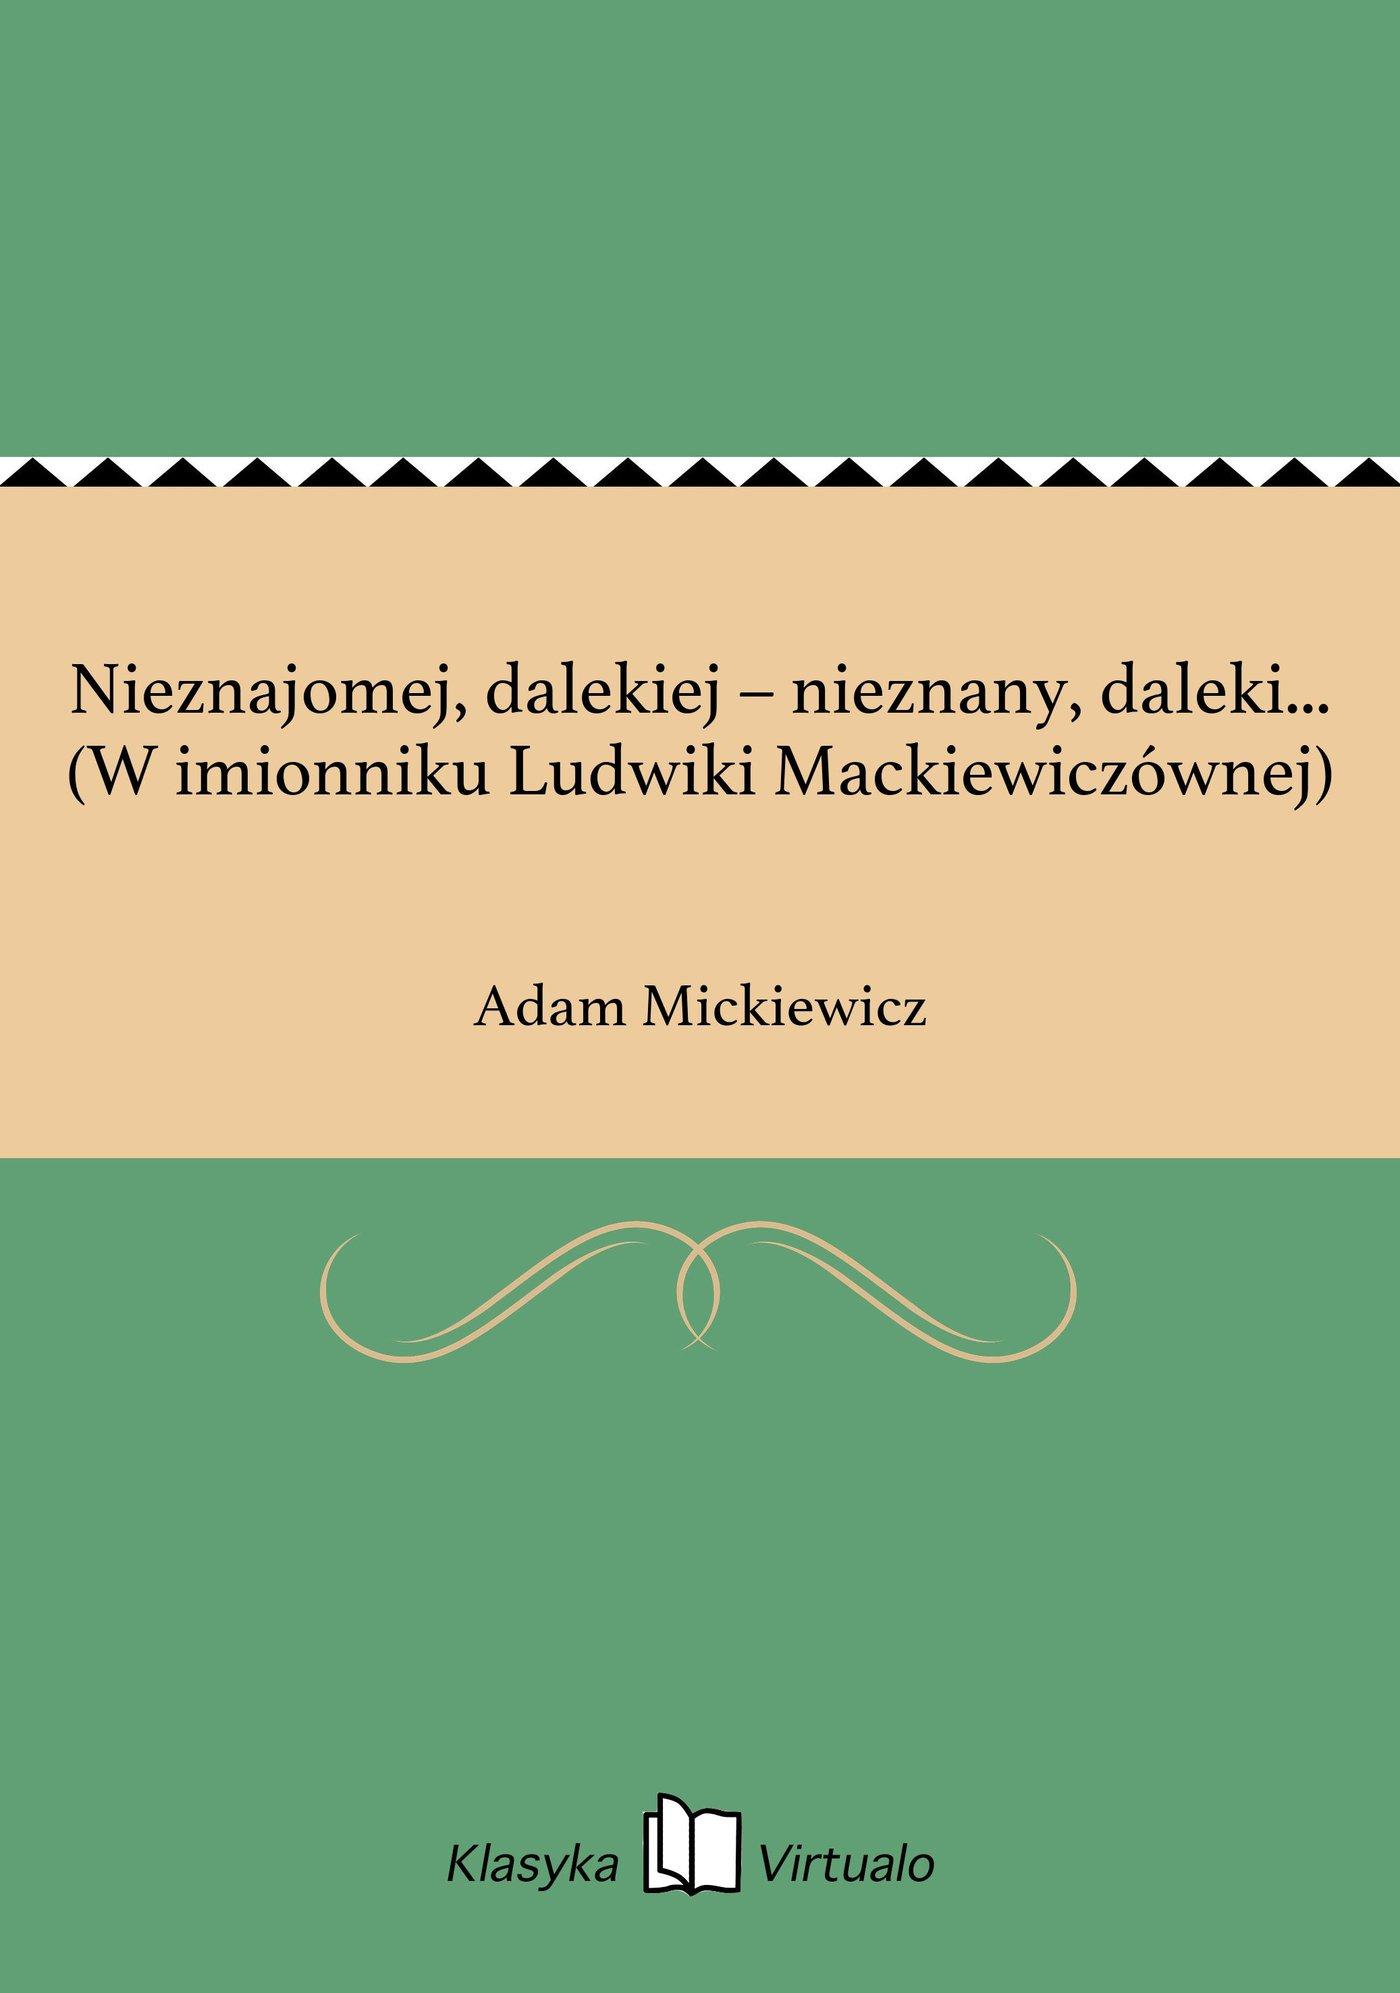 Nieznajomej, dalekiej – nieznany, daleki... (W imionniku Ludwiki Mackiewiczównej) - Ebook (Książka na Kindle) do pobrania w formacie MOBI